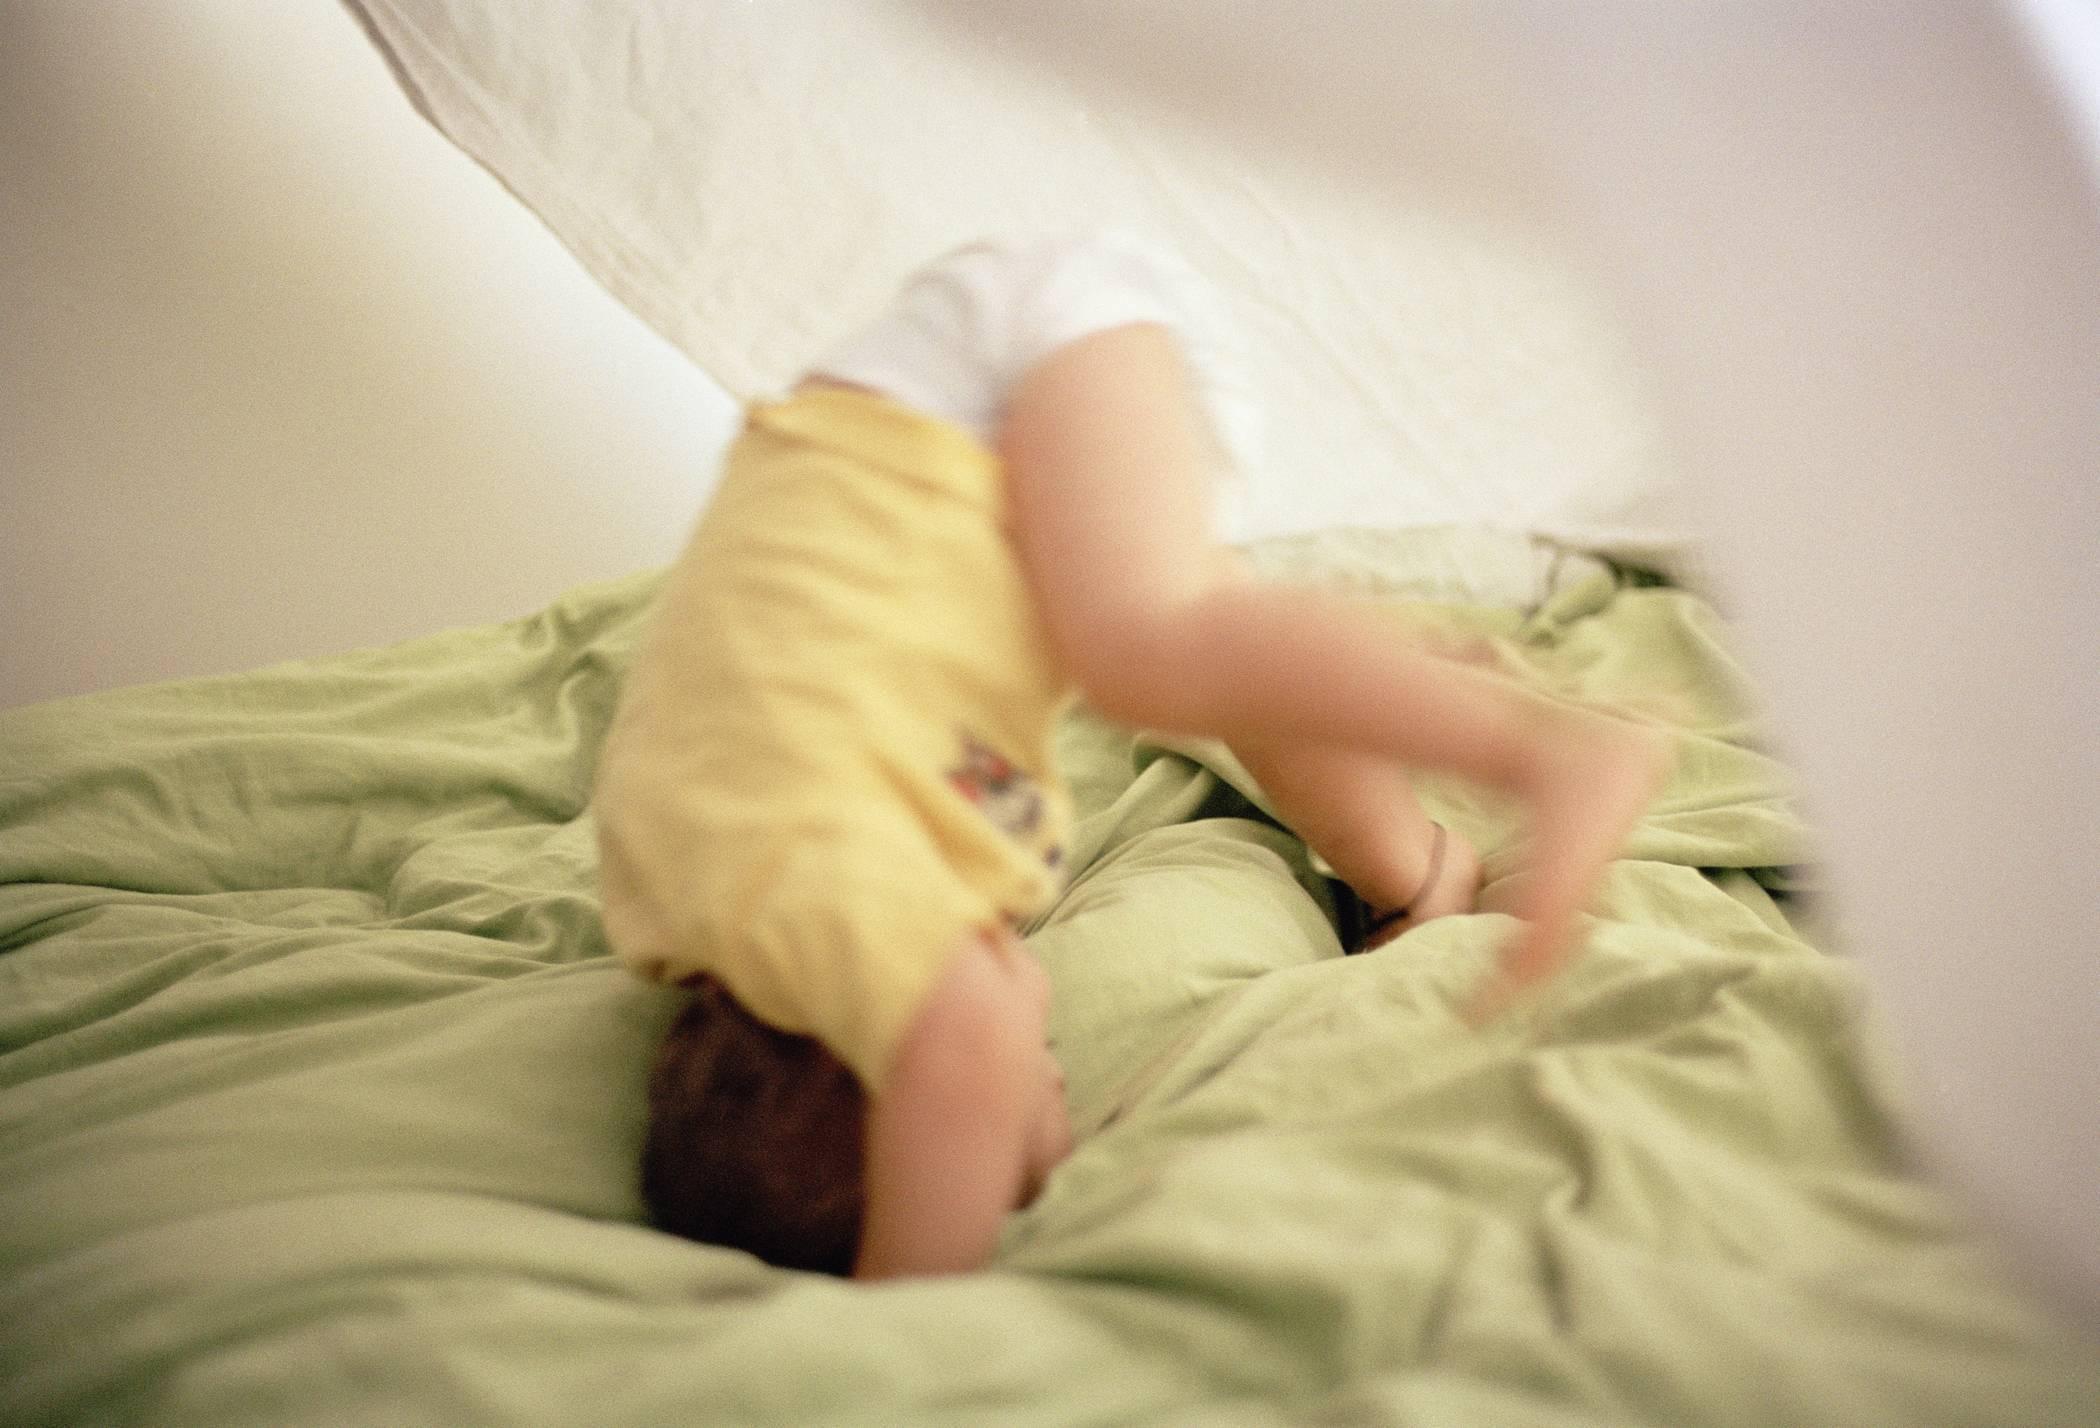 ᐉ ребенок упал с кровати или дивана вниз головой и ударился: что делать — мнение доктора комаровского. что делать маме, если ребёнок до года упал с дивана ➡ klass511.ru